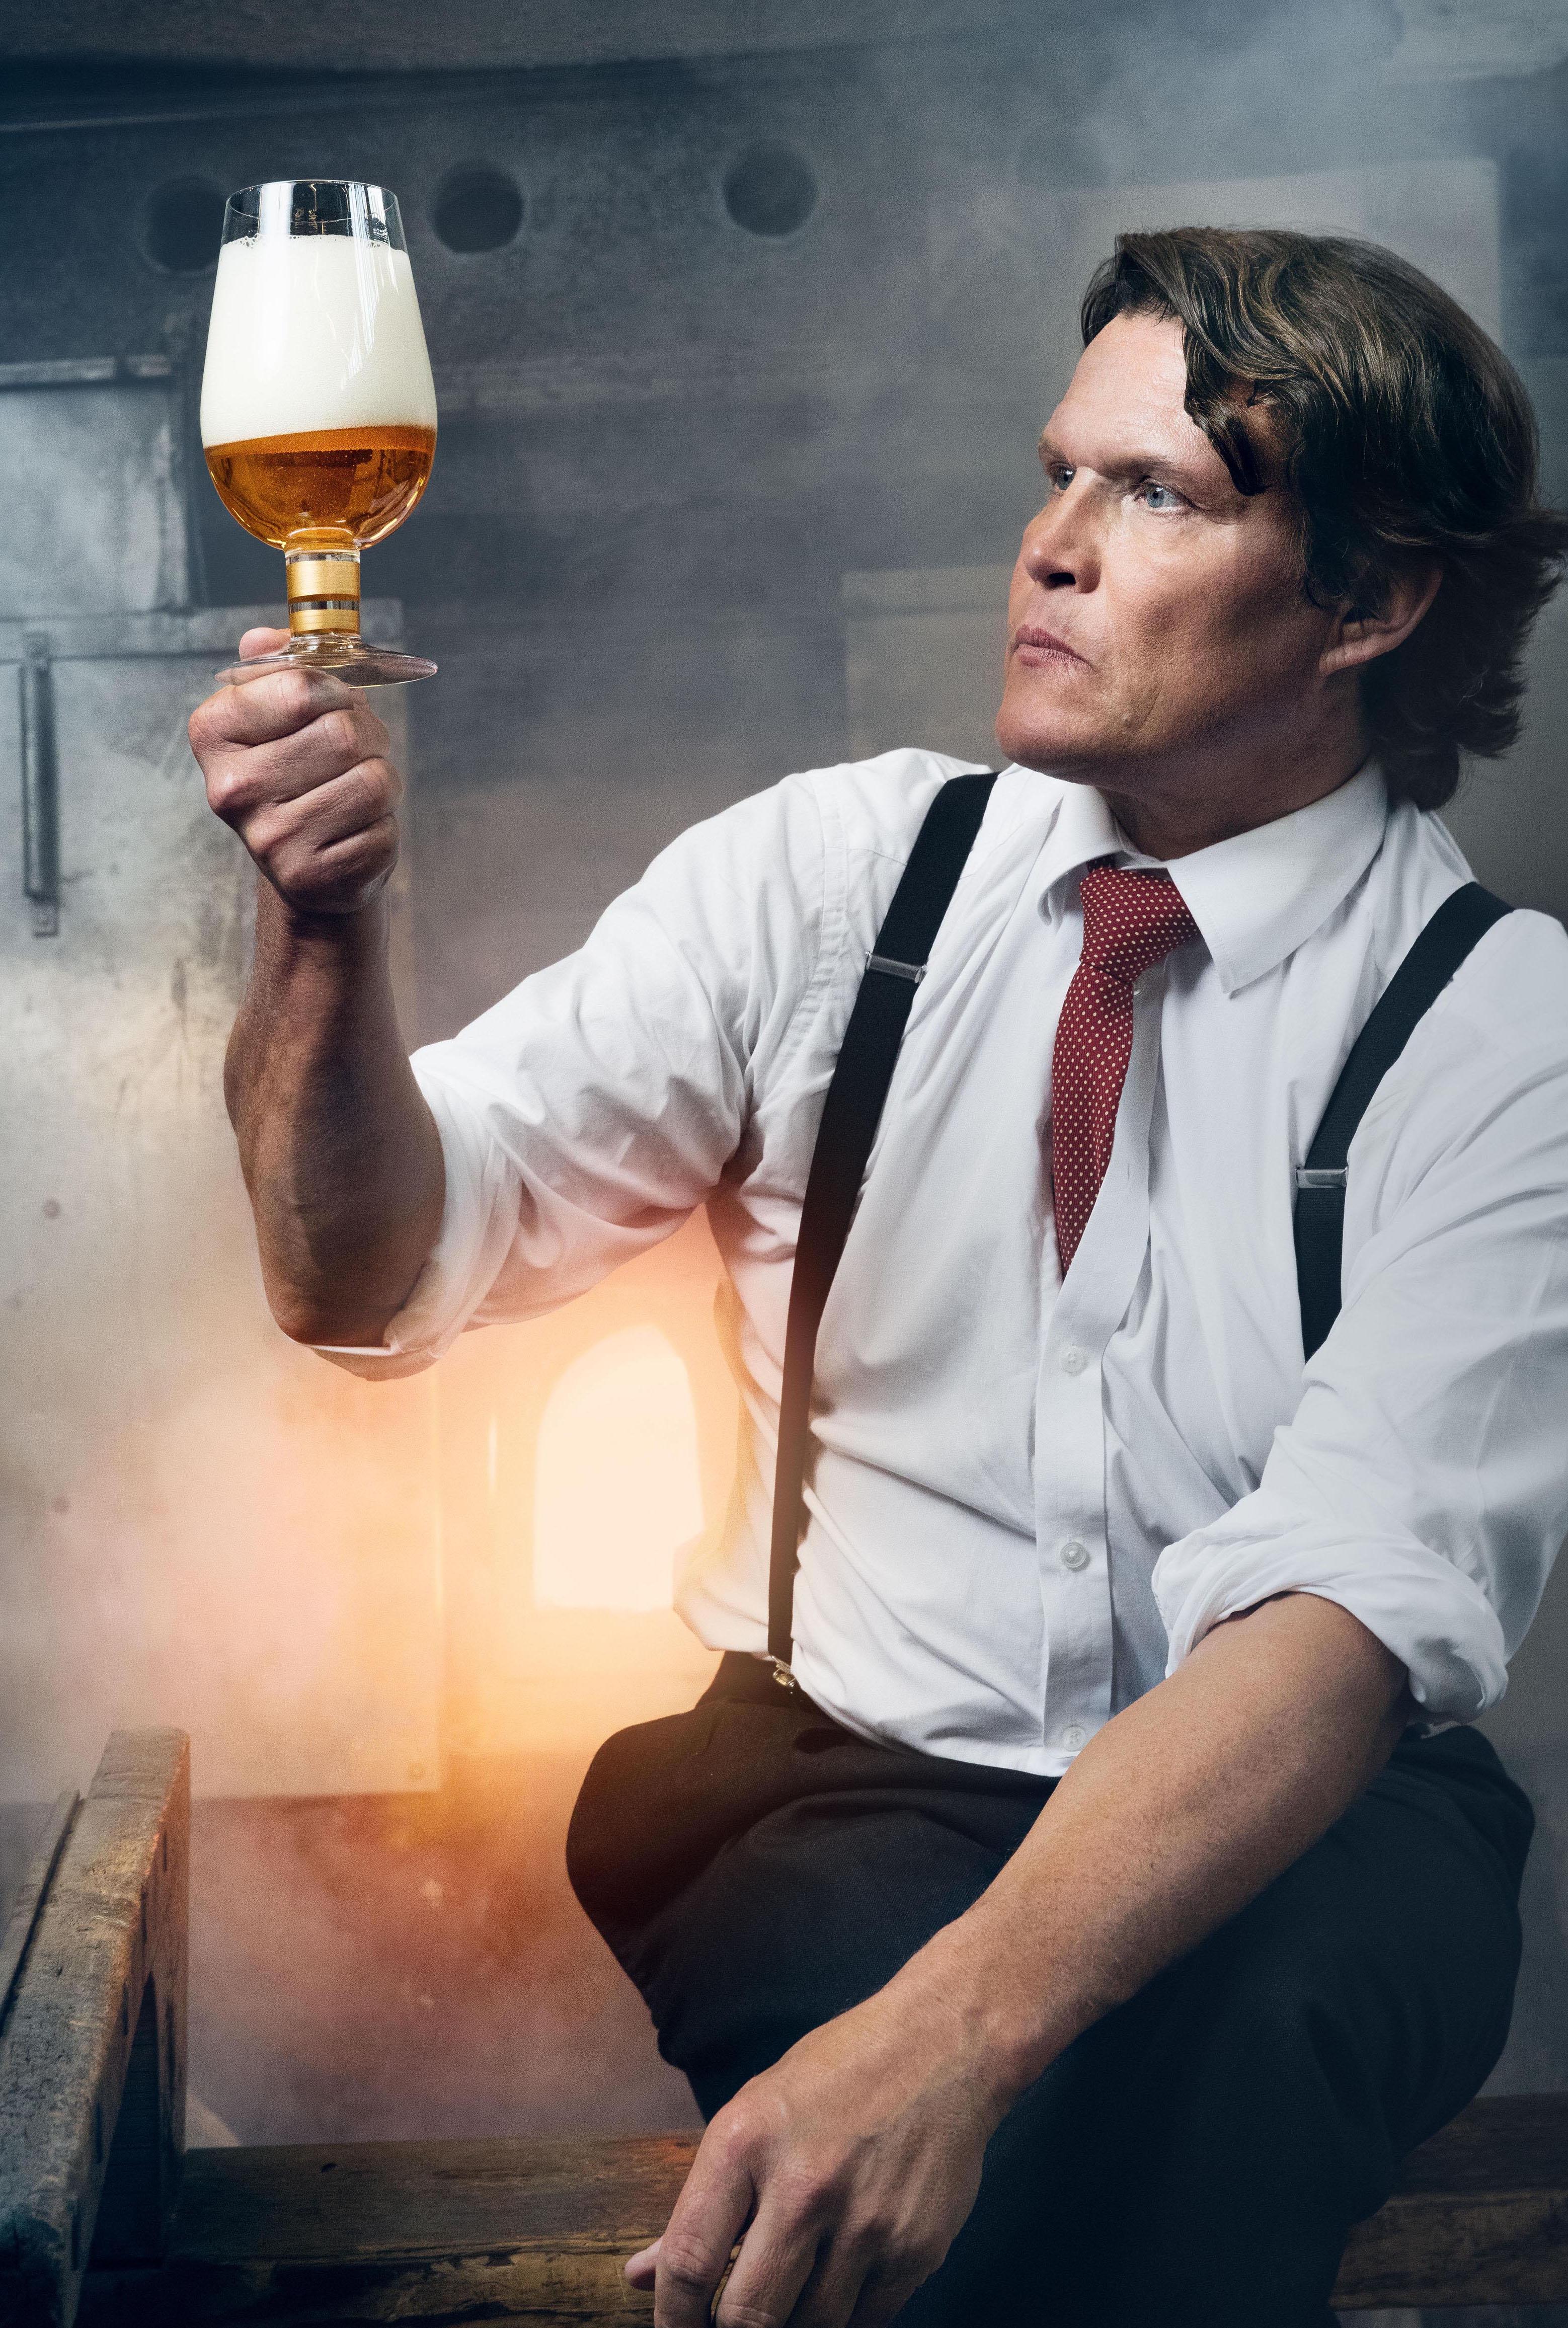 Ölglas Per Morberg Exclusive Collection